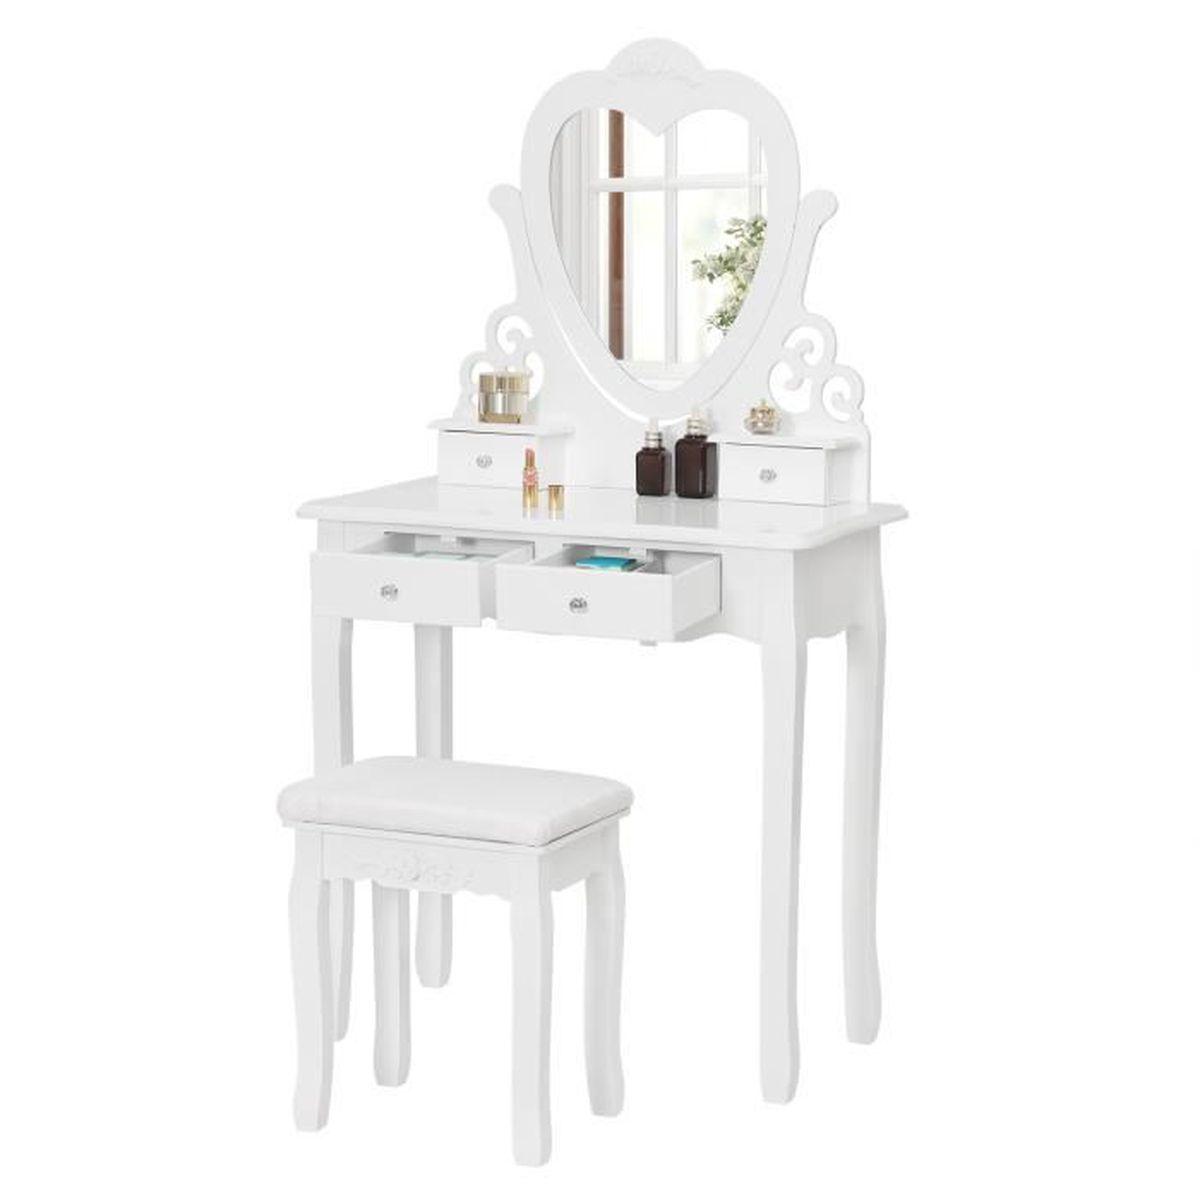 COIFFEUSE WOLTU Coiffeuse table de maquillage avec miroir or